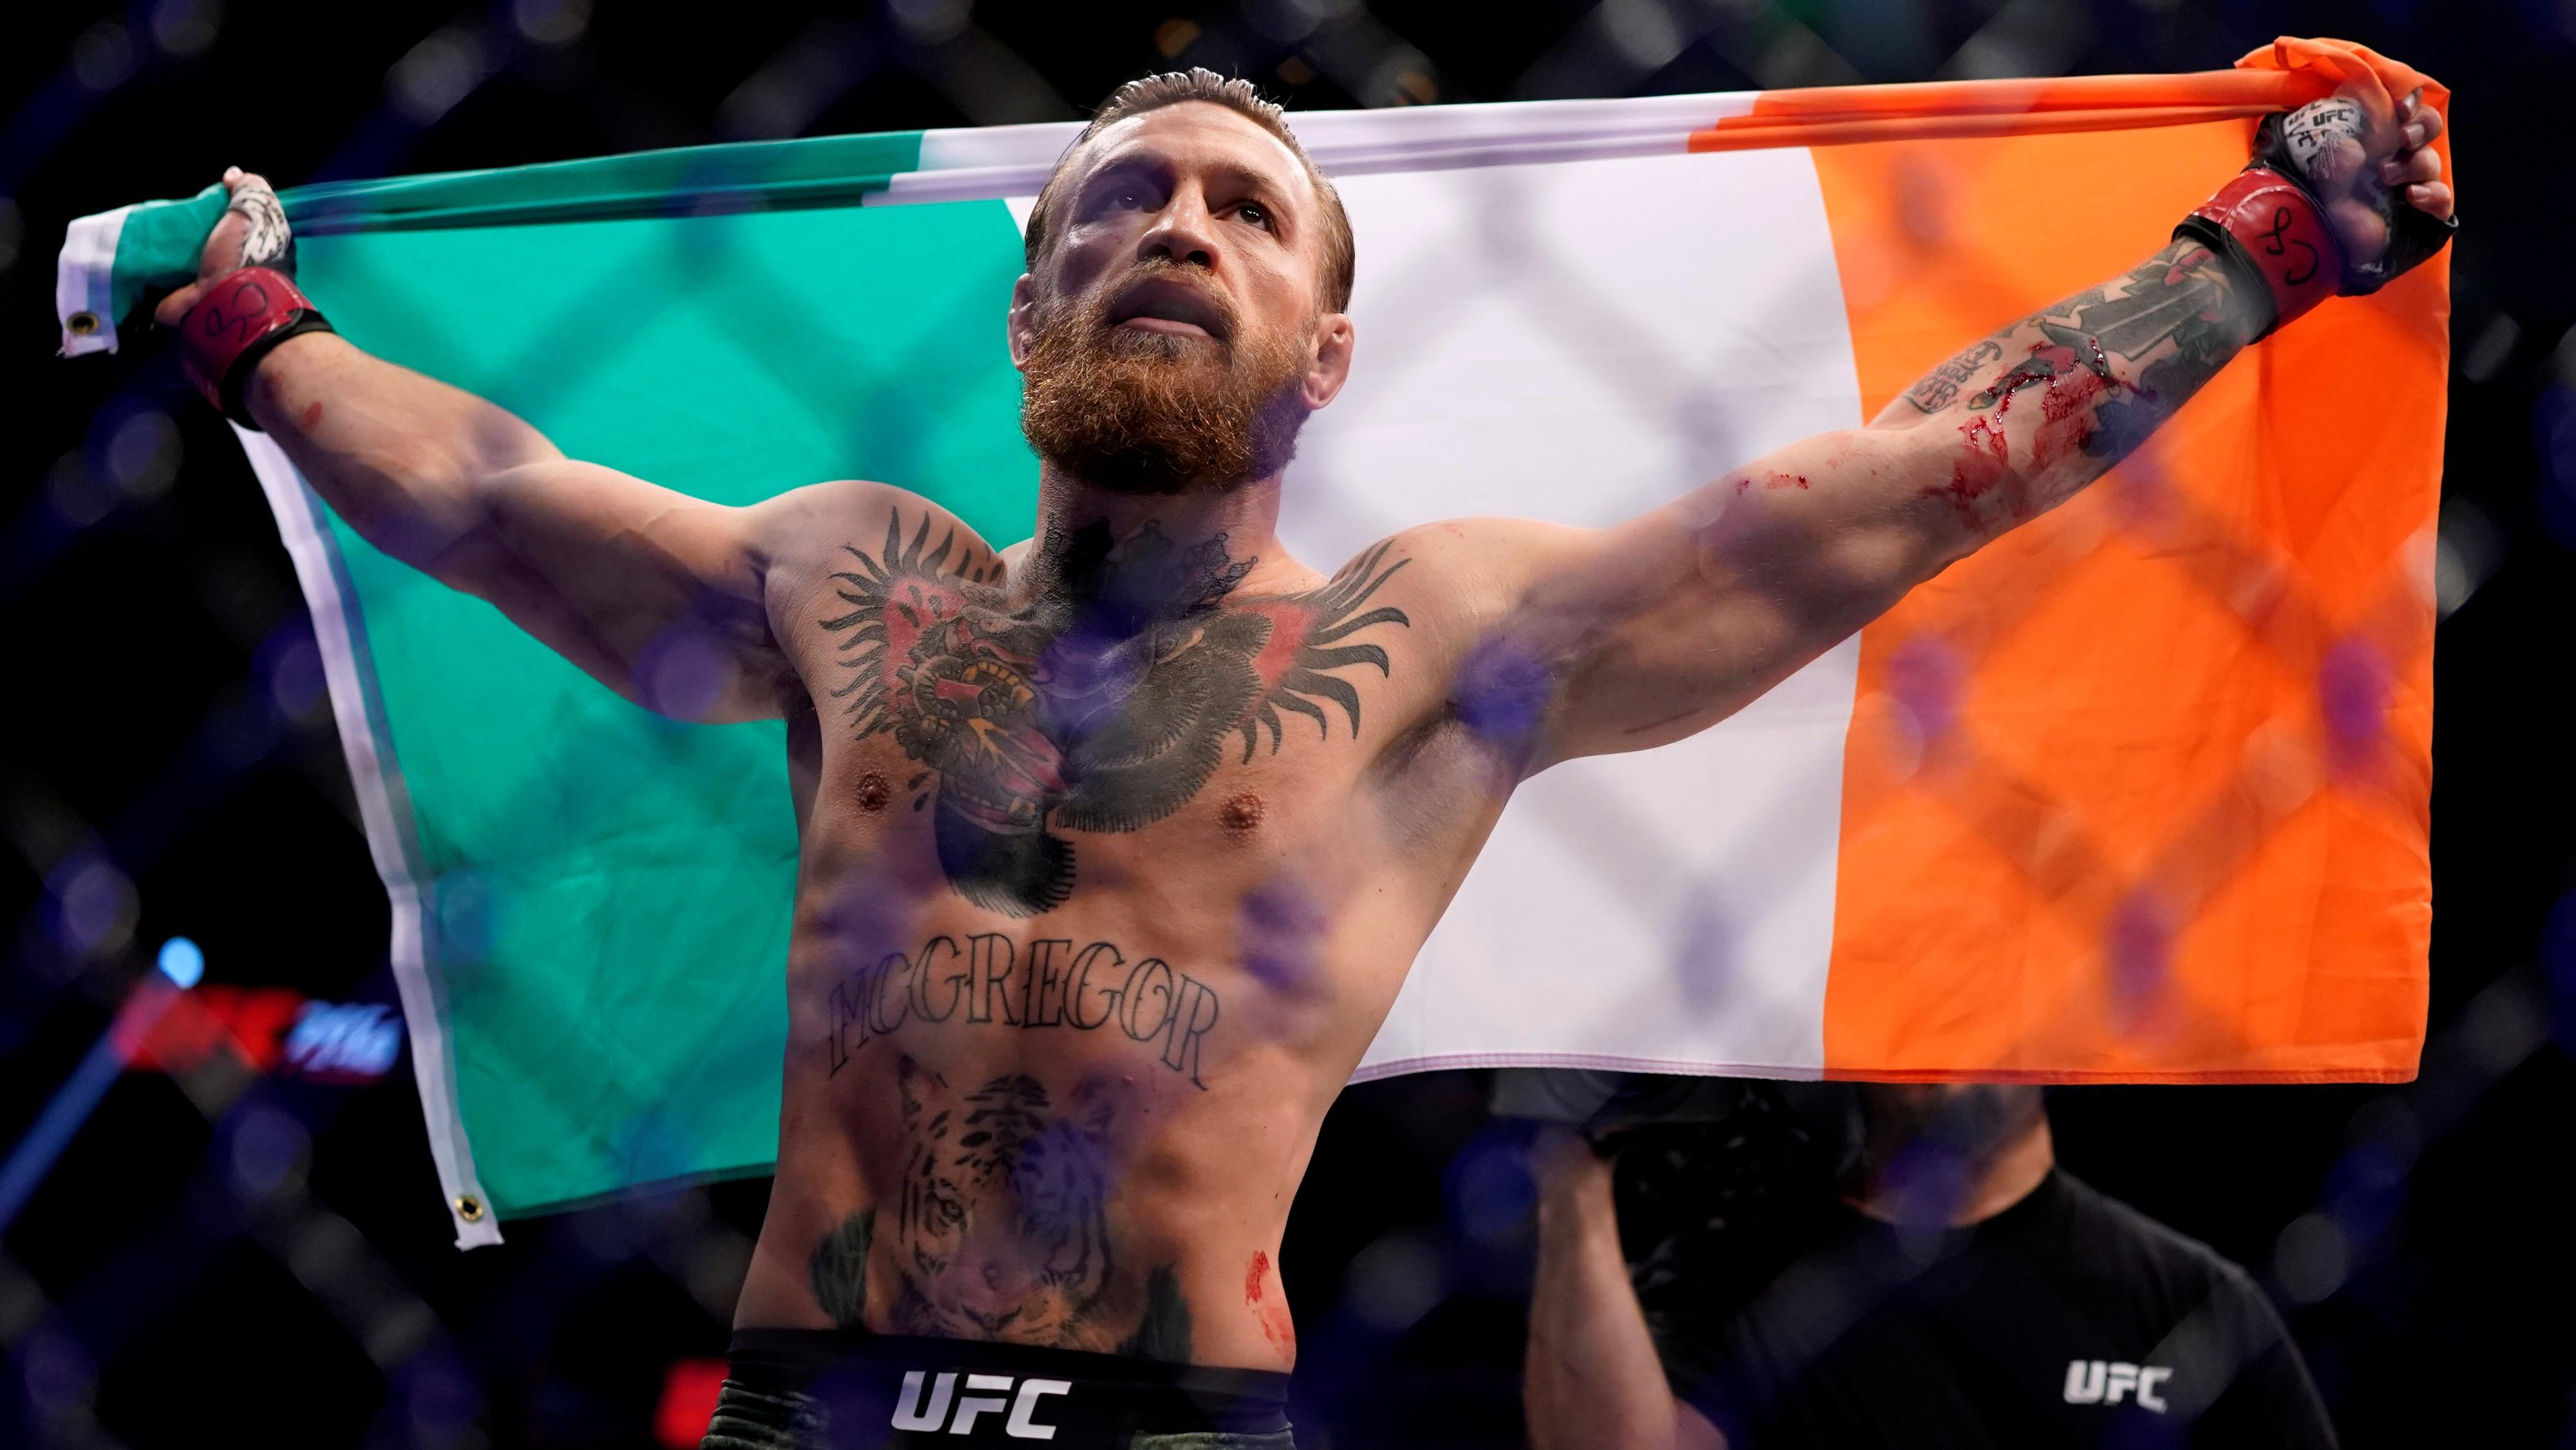 McGregor gewinnt mit Blitz-Sieg: So viele Millionen kassierte er pro Sekunde